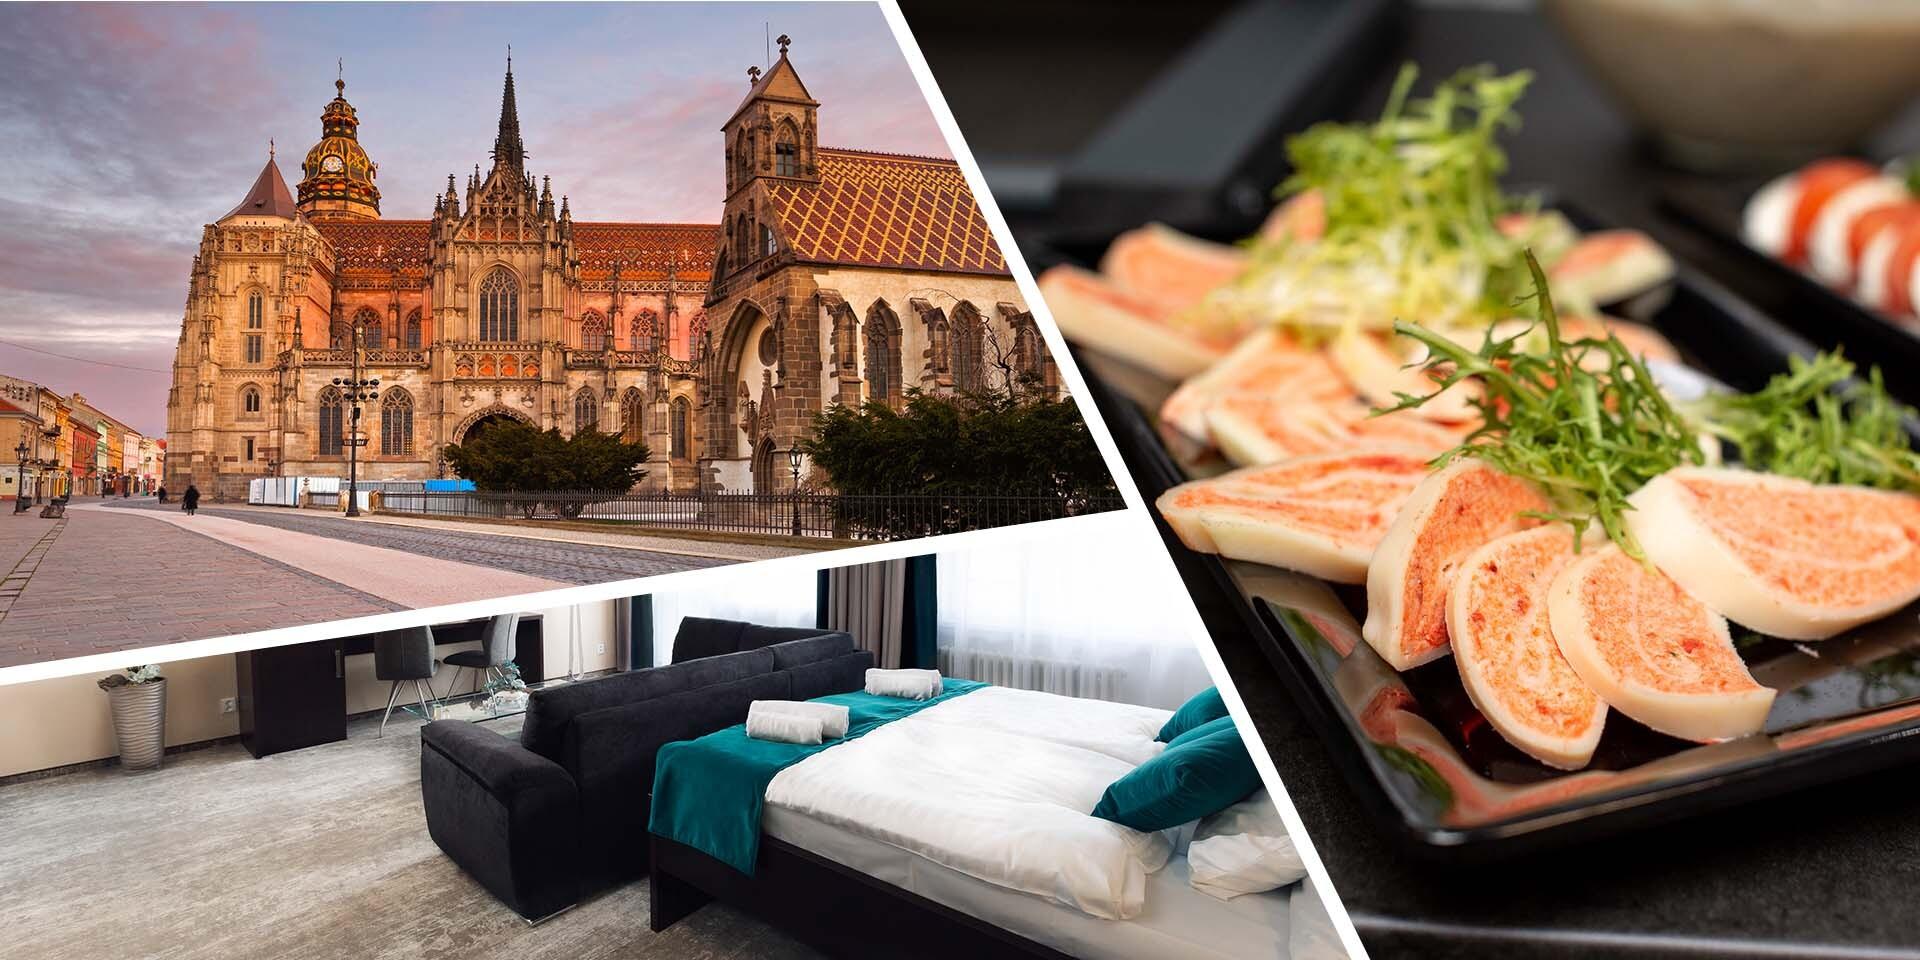 Ubytovanie v Hoteli Crystal*** v izbách Business Deluxe s bohatými raňajkami, proseccom a ovocnou misou